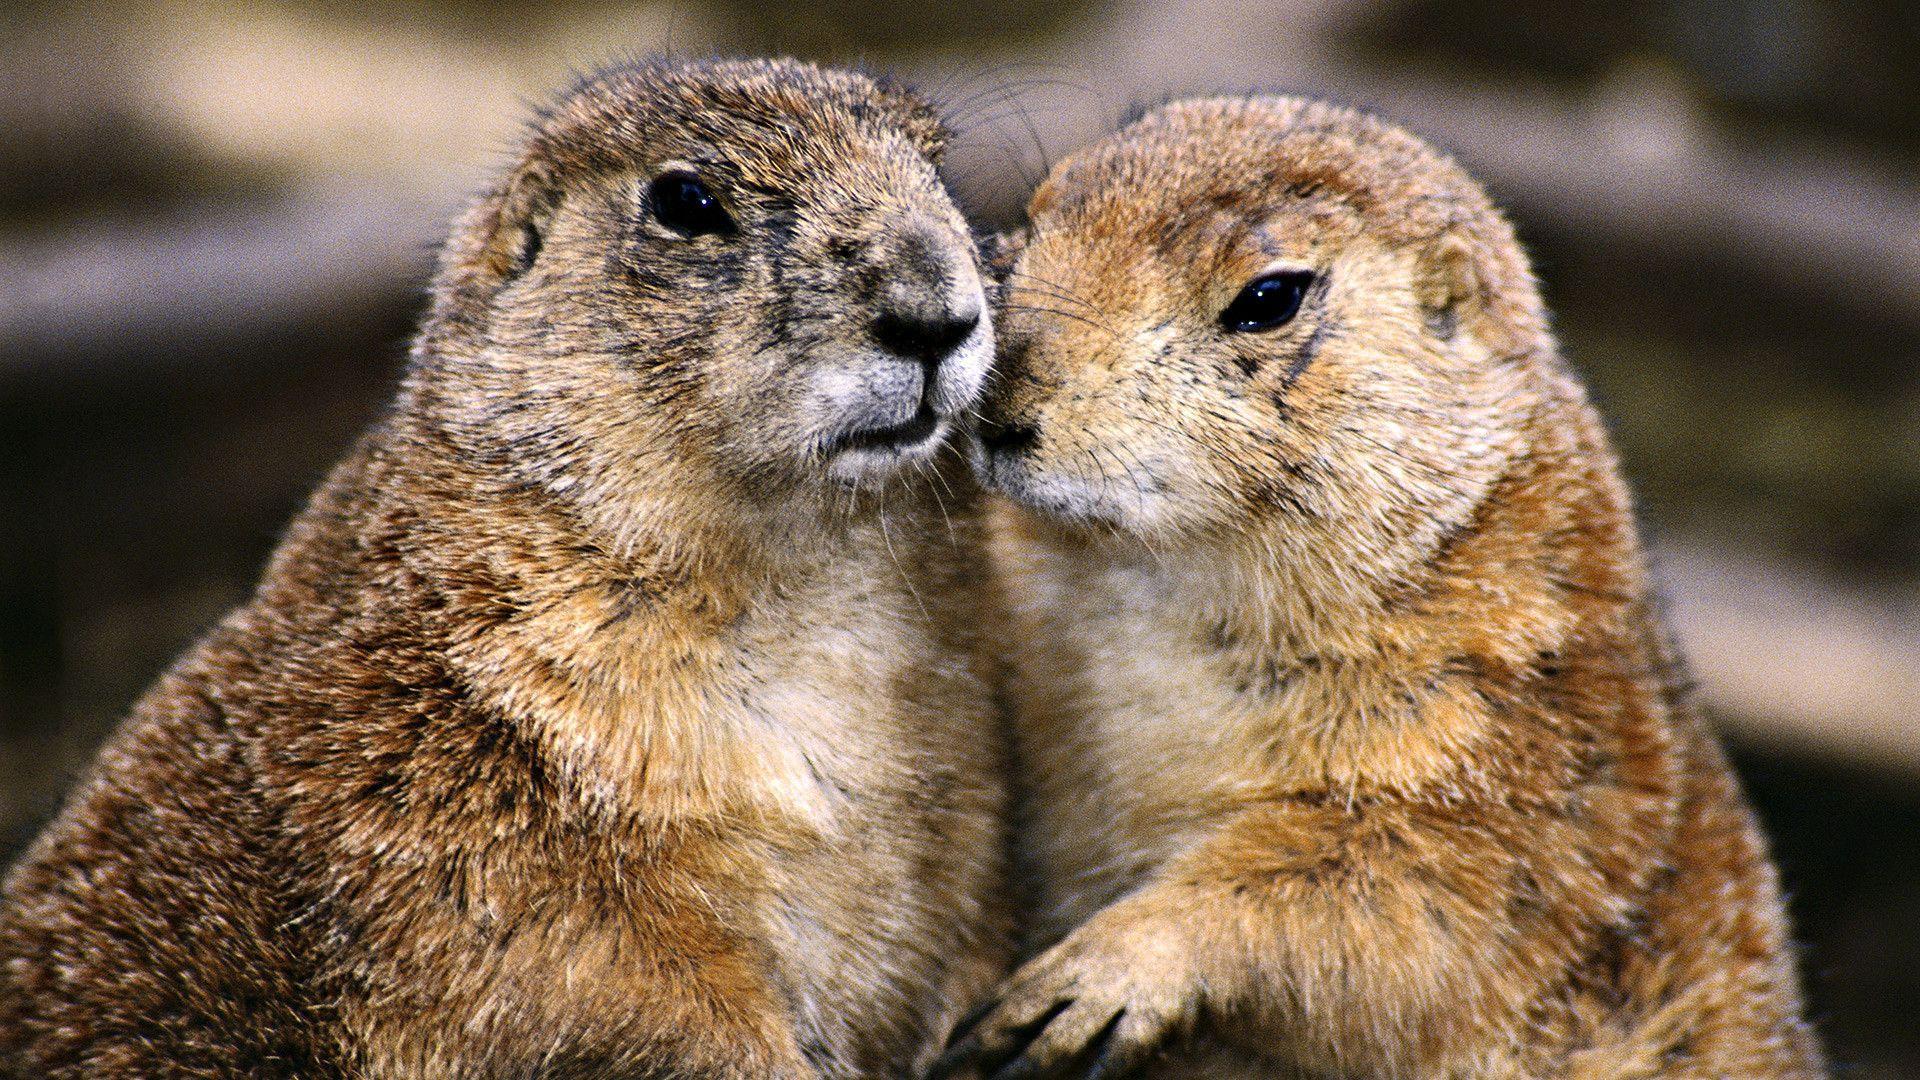 http://img.izismile.com/img/img6/20130128/1000/these_funny_animals_1128_10.jpg